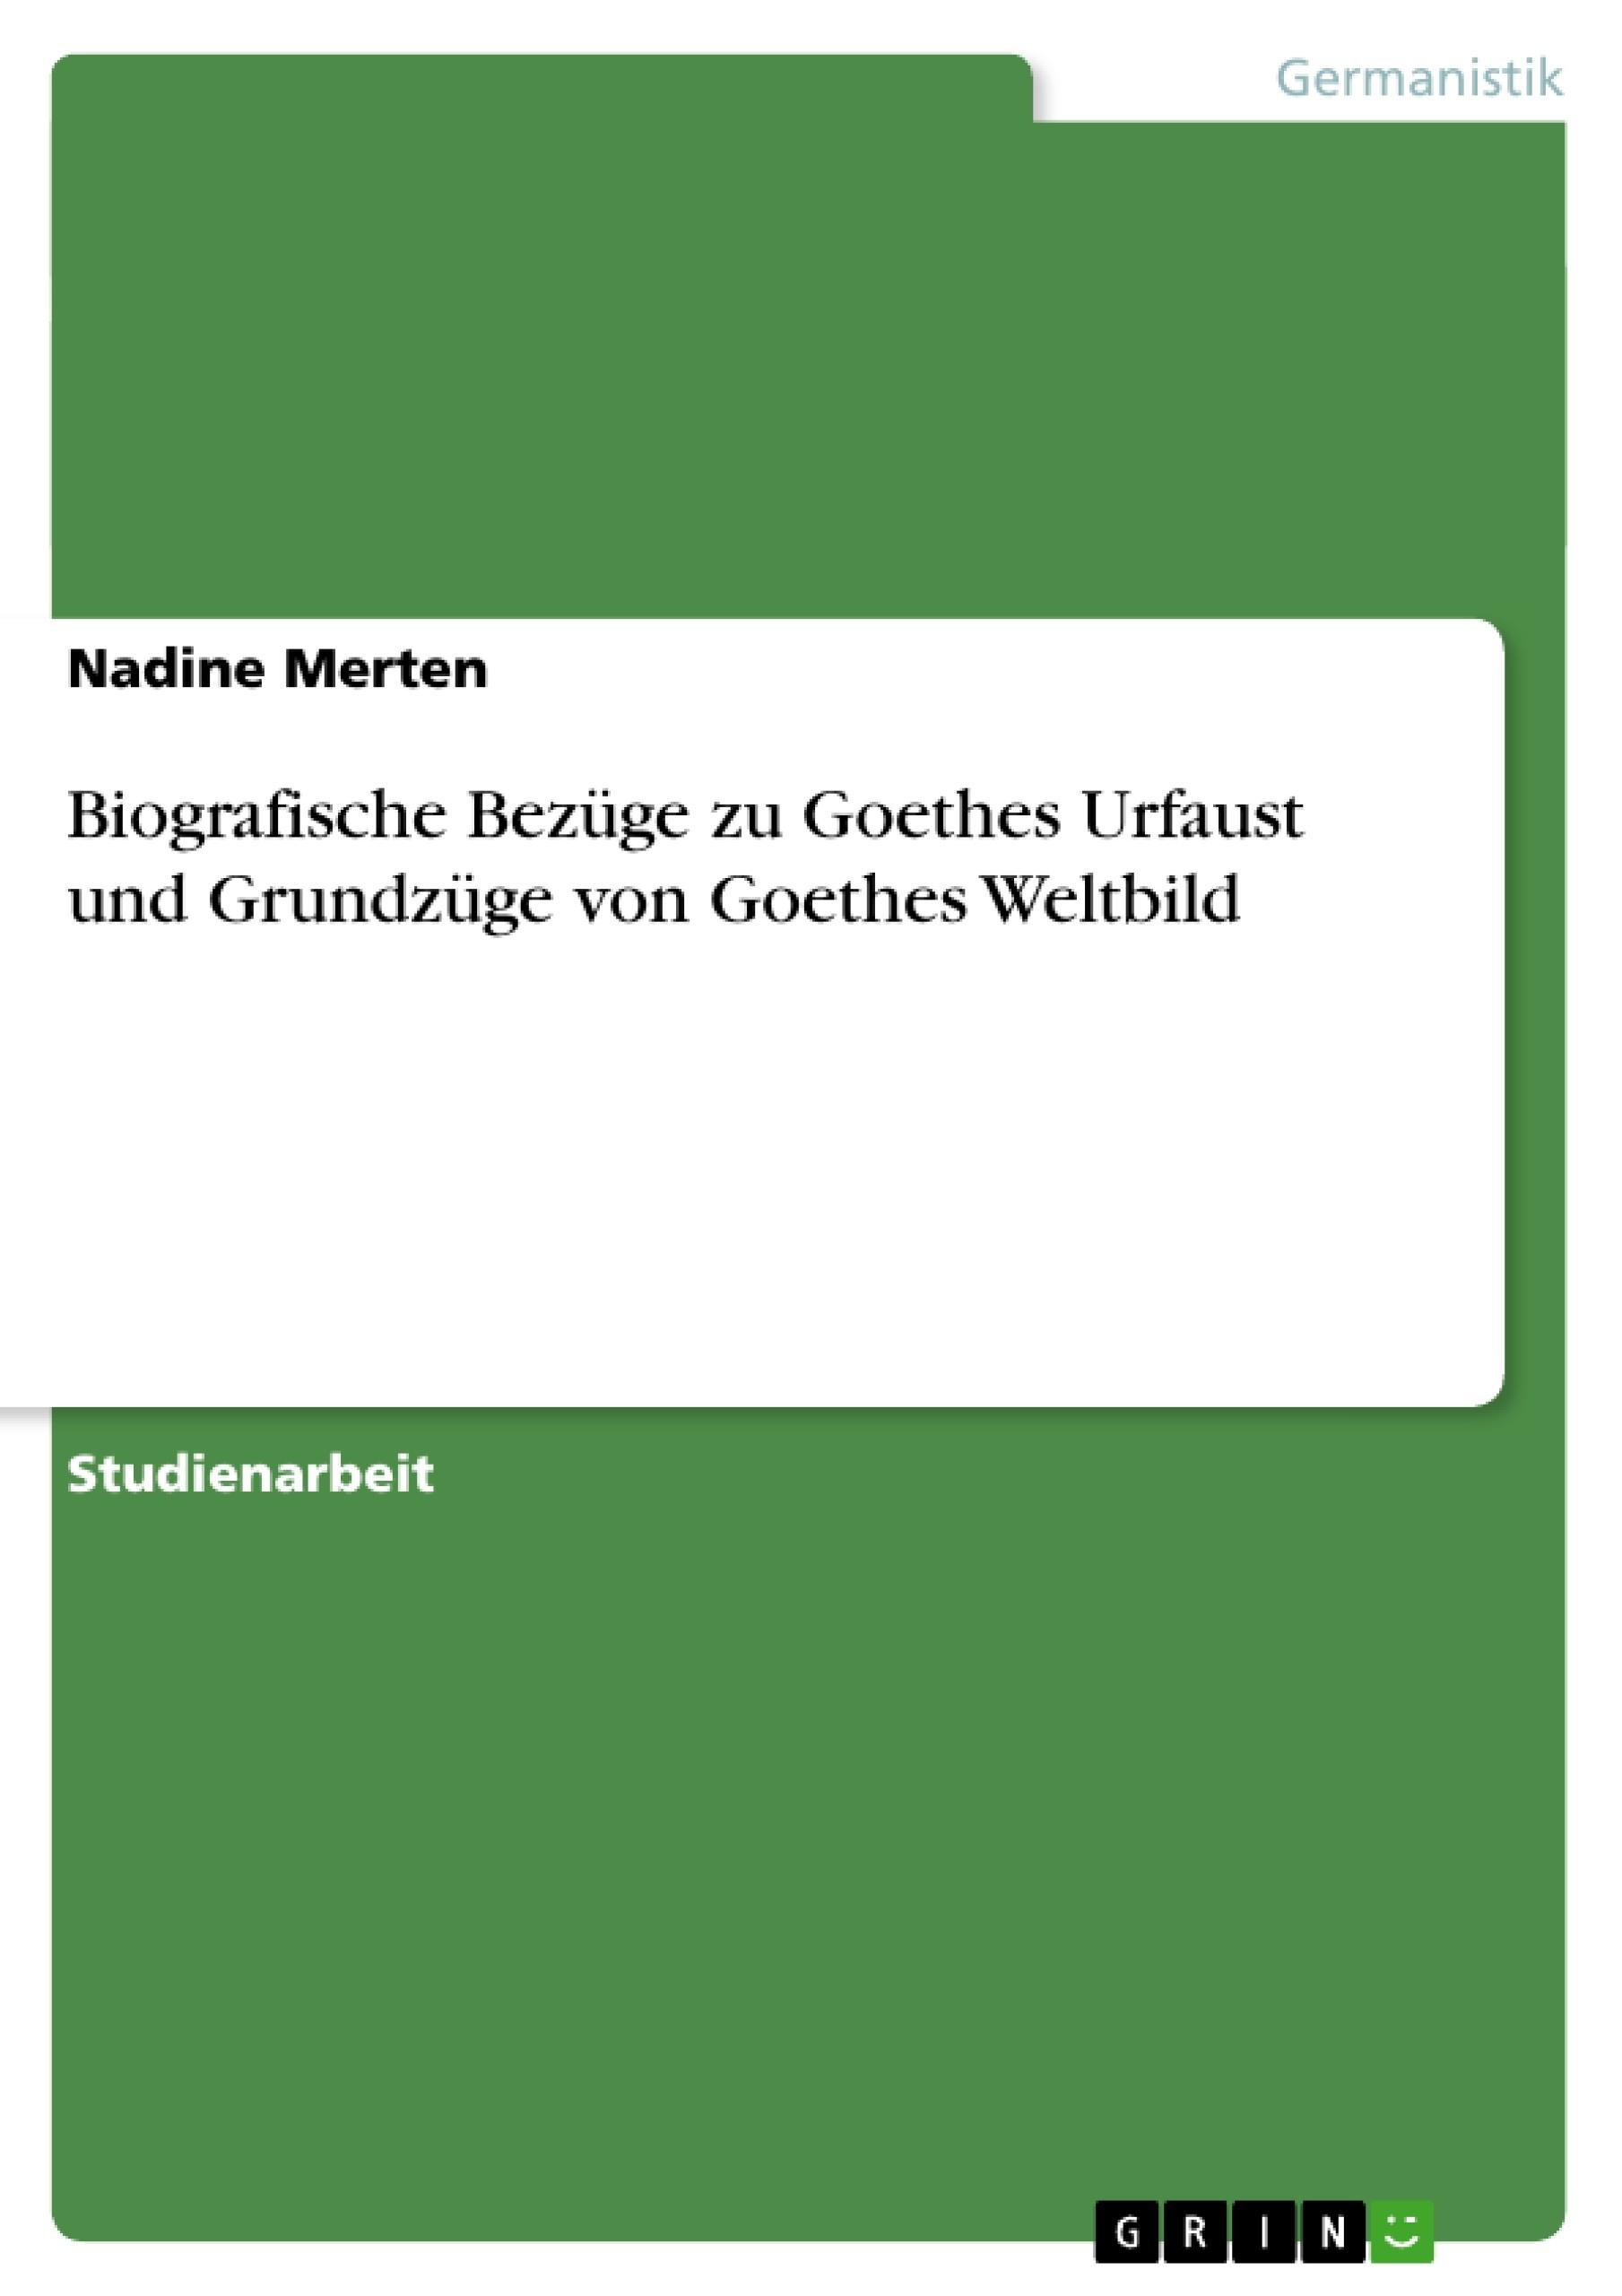 Titel: Biografische Bezüge zu Goethes Urfaust und Grundzüge von Goethes Weltbild